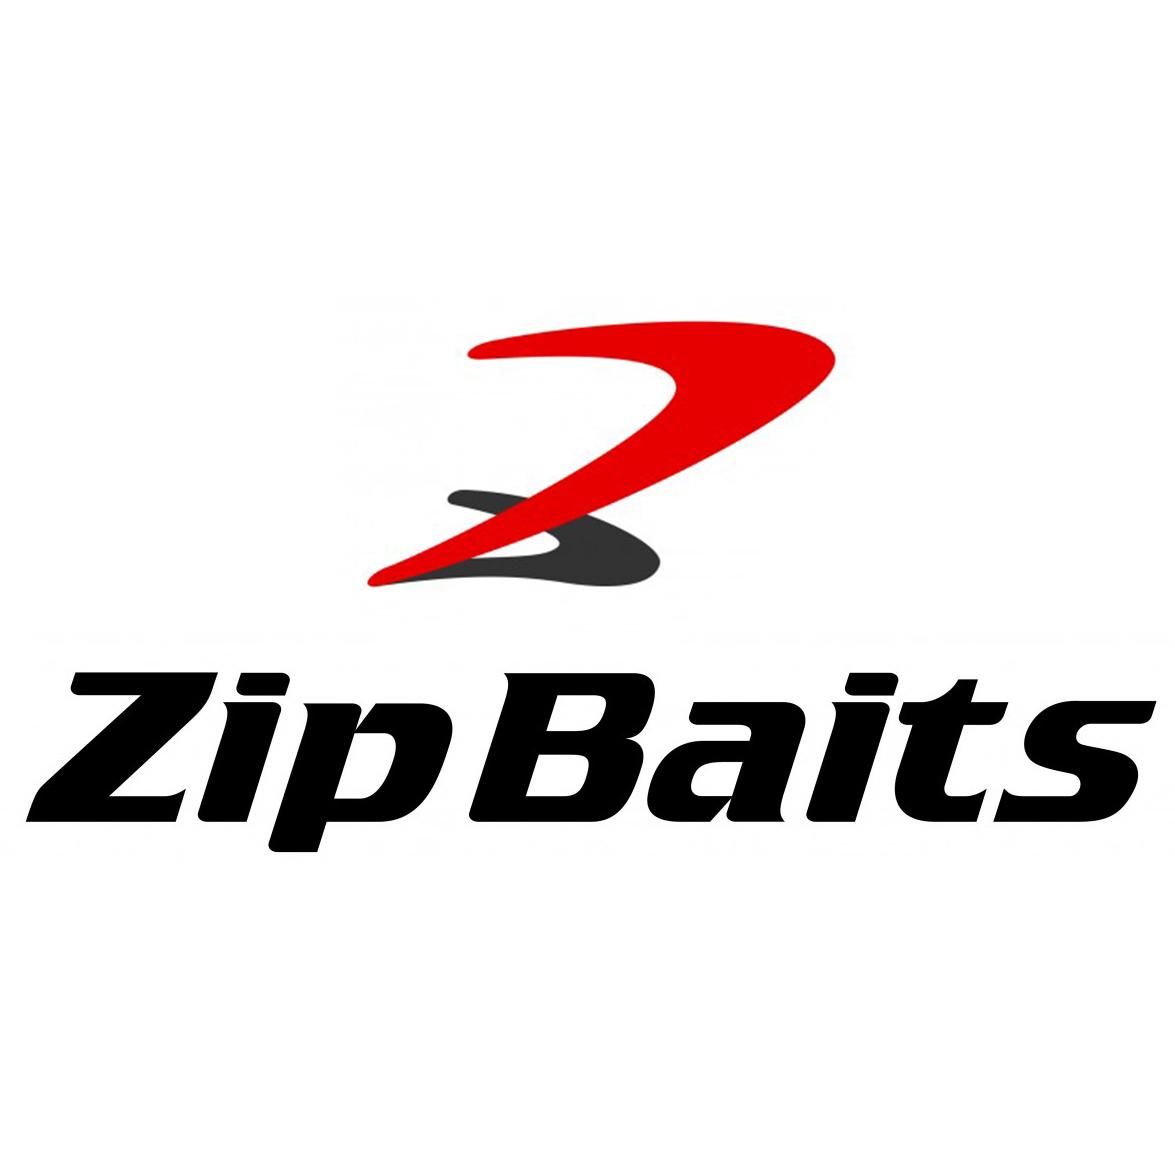 Ожидаемое поступление товаров от ZIP BAITS - Интернет-магазин товаров для рыбалки Эбису, Екатеринбург